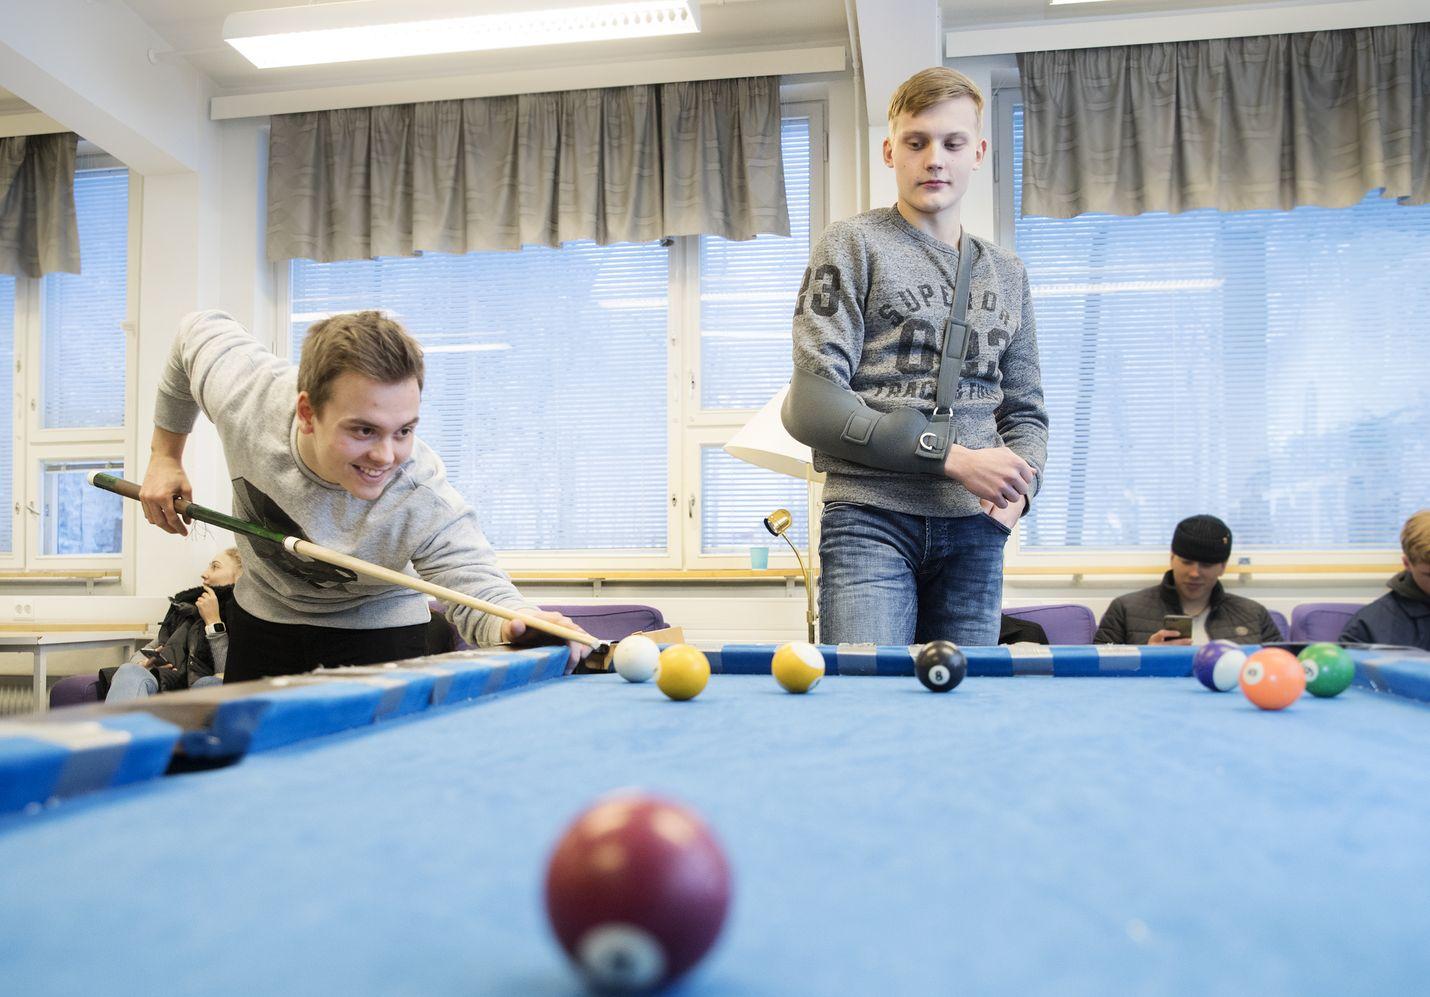 Lukion toisen luokan oppilaat Aki Panuma ja Tuomas Loponen suhtautuvat korkeakoulujen opiskelijavalintauudistukseen eri tavoin: Loposen mukaan uudistus suosii teoreettisissa aineissa hyviä opiskelijoita. Panuman mielestä on helpottavaa, kun voi keskittyä jatko-opintojen kannalta tärkeisiin aineisiin.